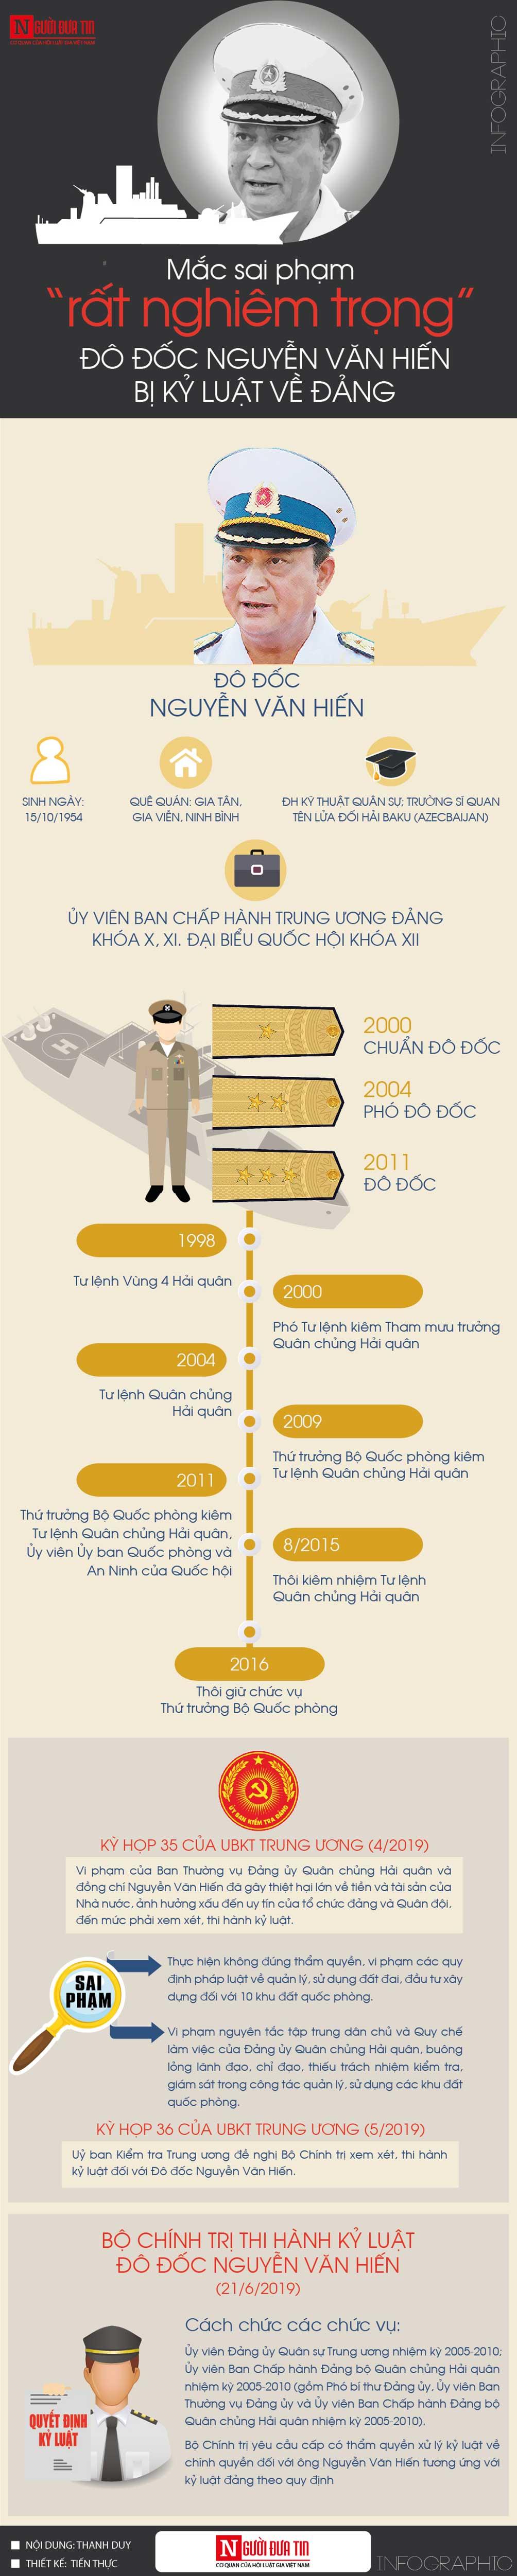 [Info] Vì sao Đô đốc Nguyễn Văn Hiến bị cách các chức vụ trong Đảng? - 1